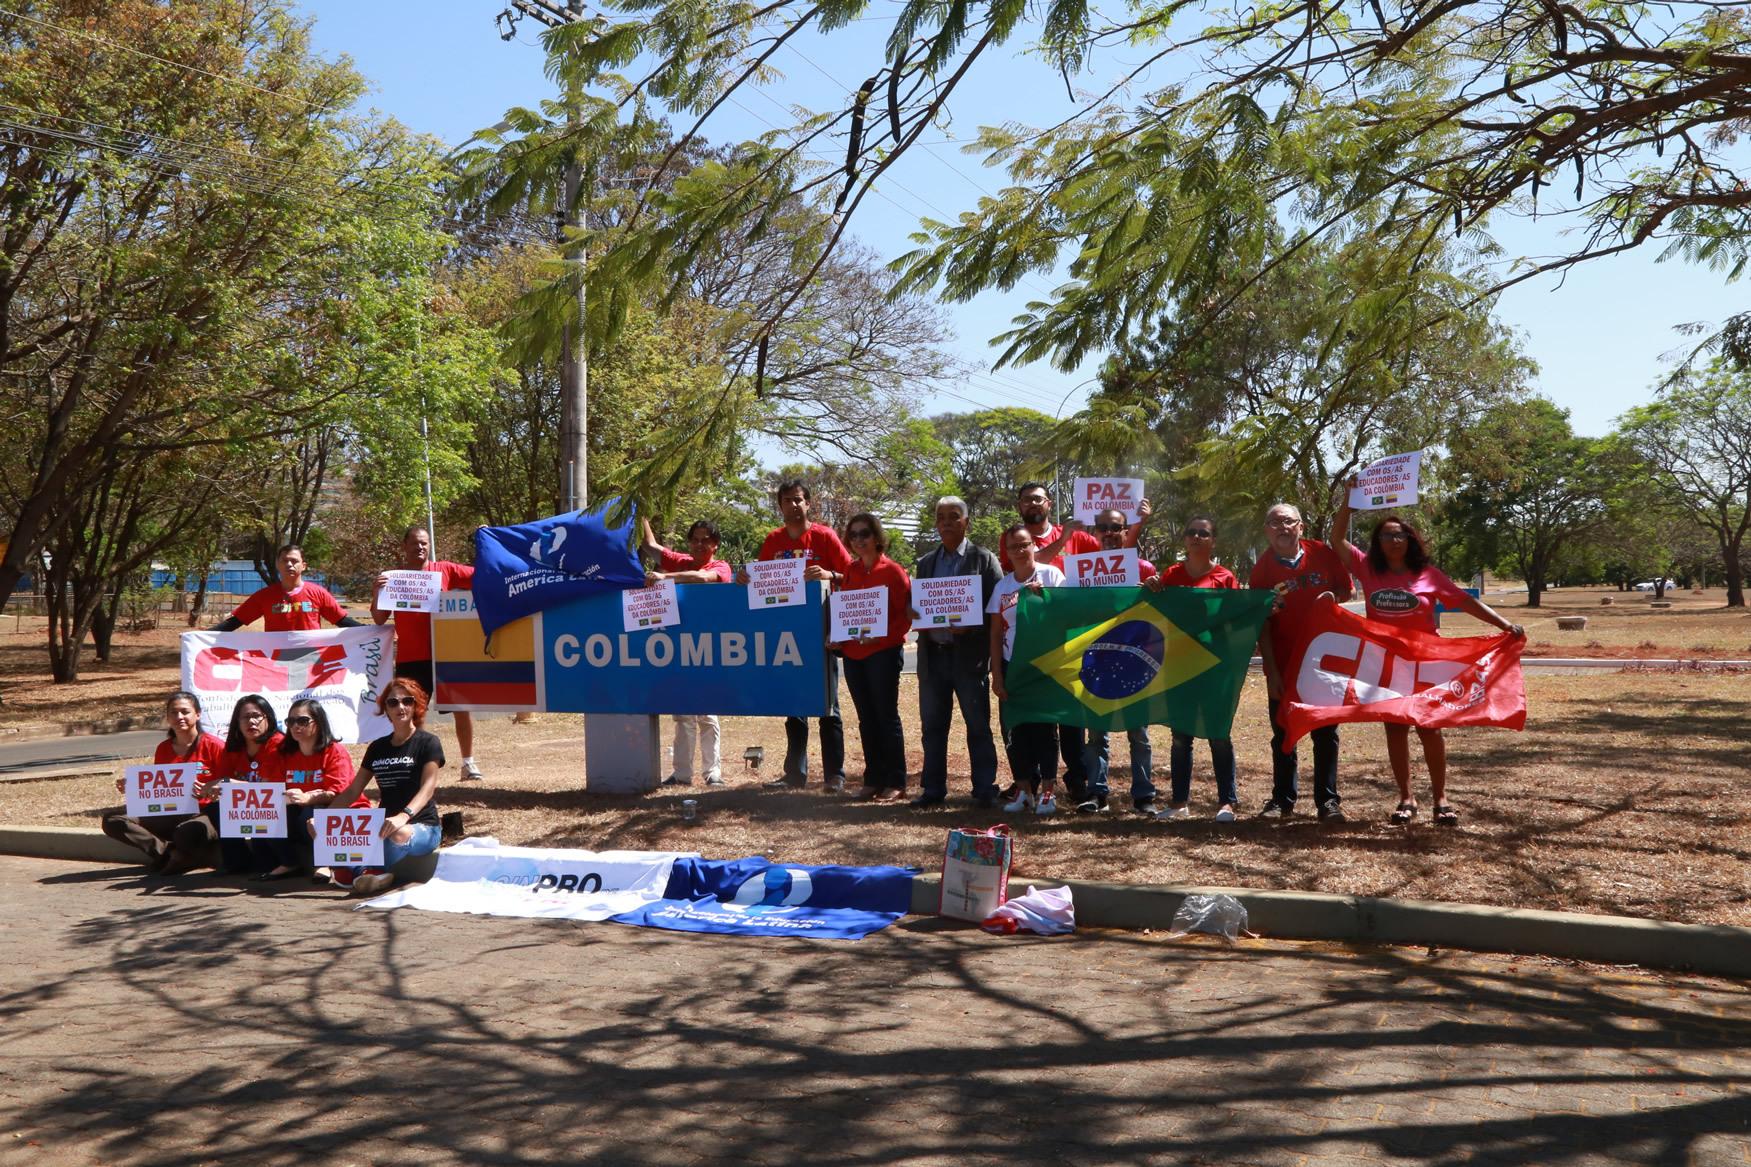 2019.09.12-Ato-Embaixada-Colombia_fotos-ECOM-2